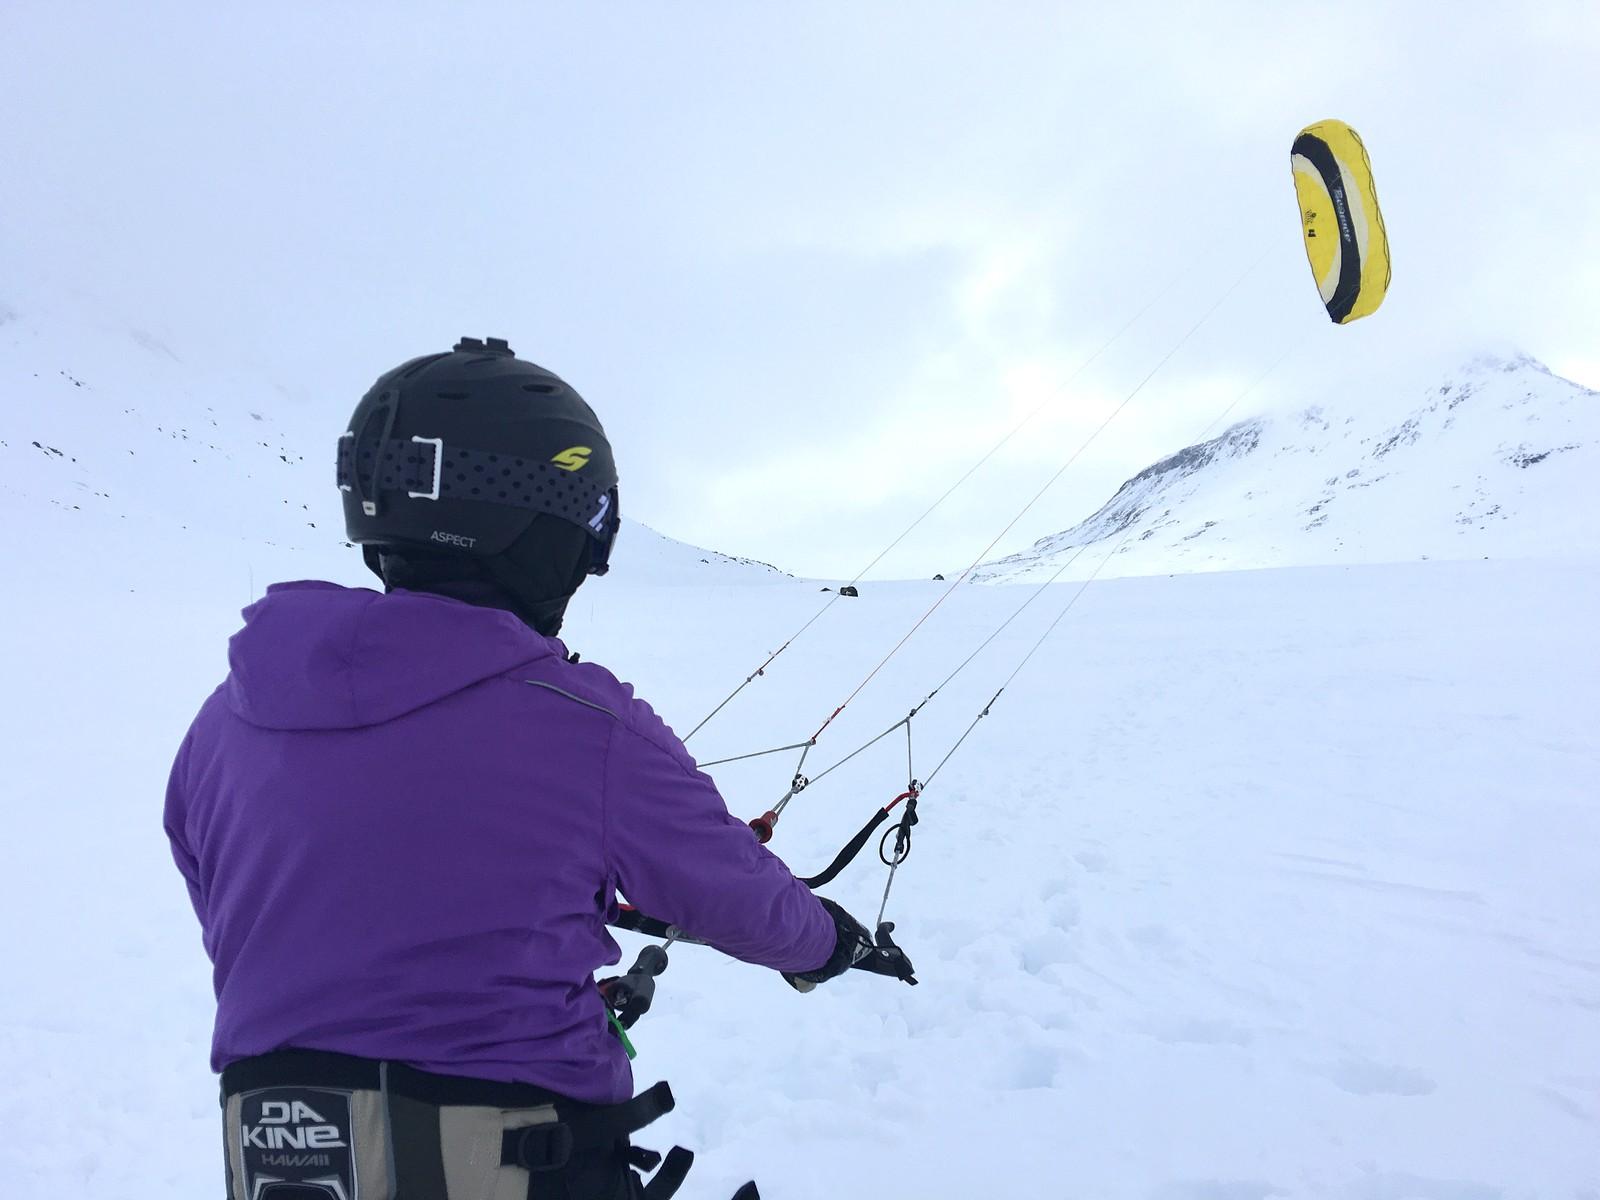 KITING PÅ SNØ: Du blir dregen framover av ein dragen, medan du har ski eller snøbrett på beina.